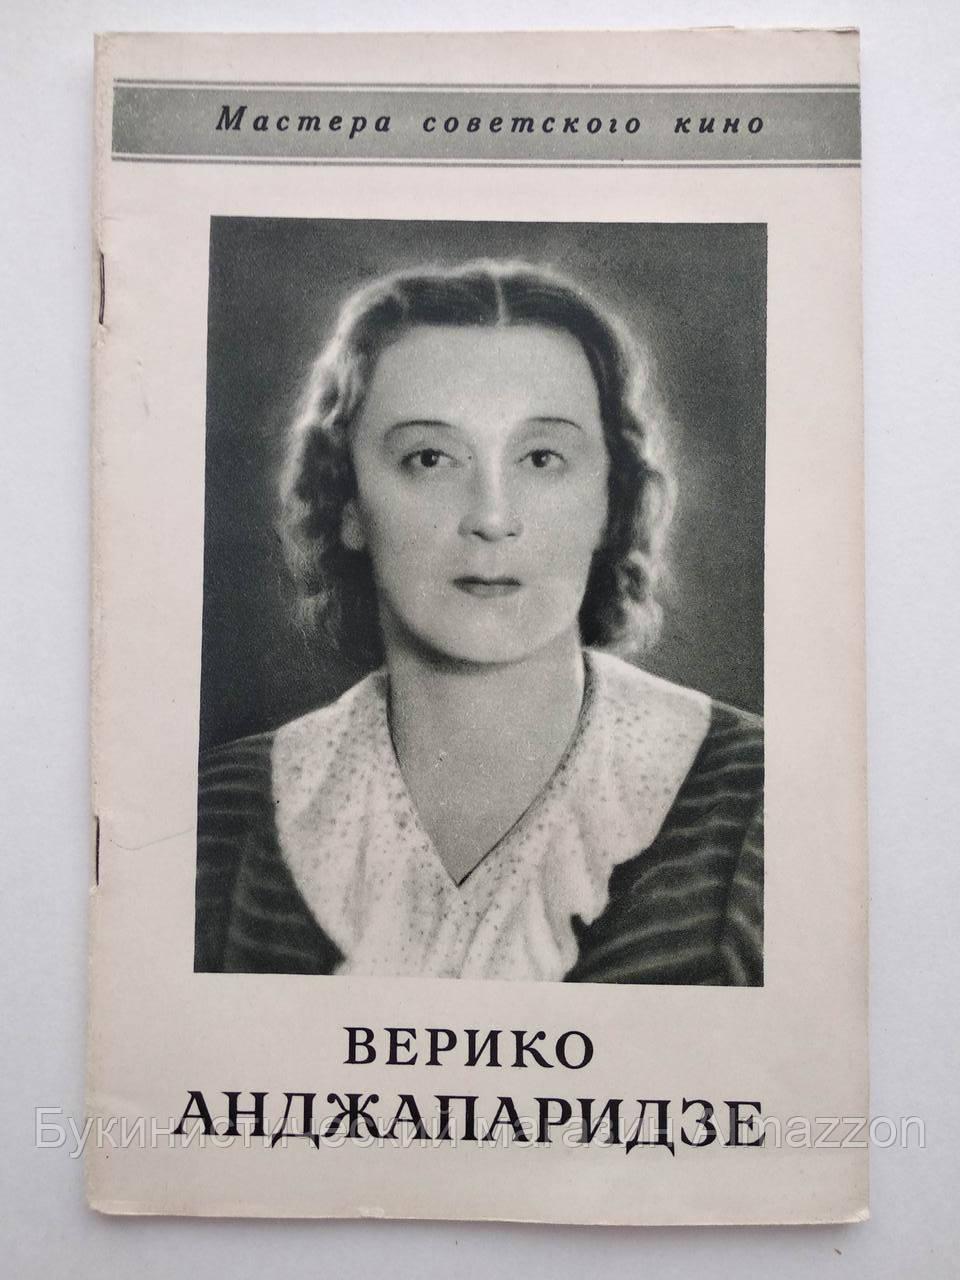 Веріко Анджапарідзе Серія: Майстри Радянського Кіно 1952 рік Госкиноиздат